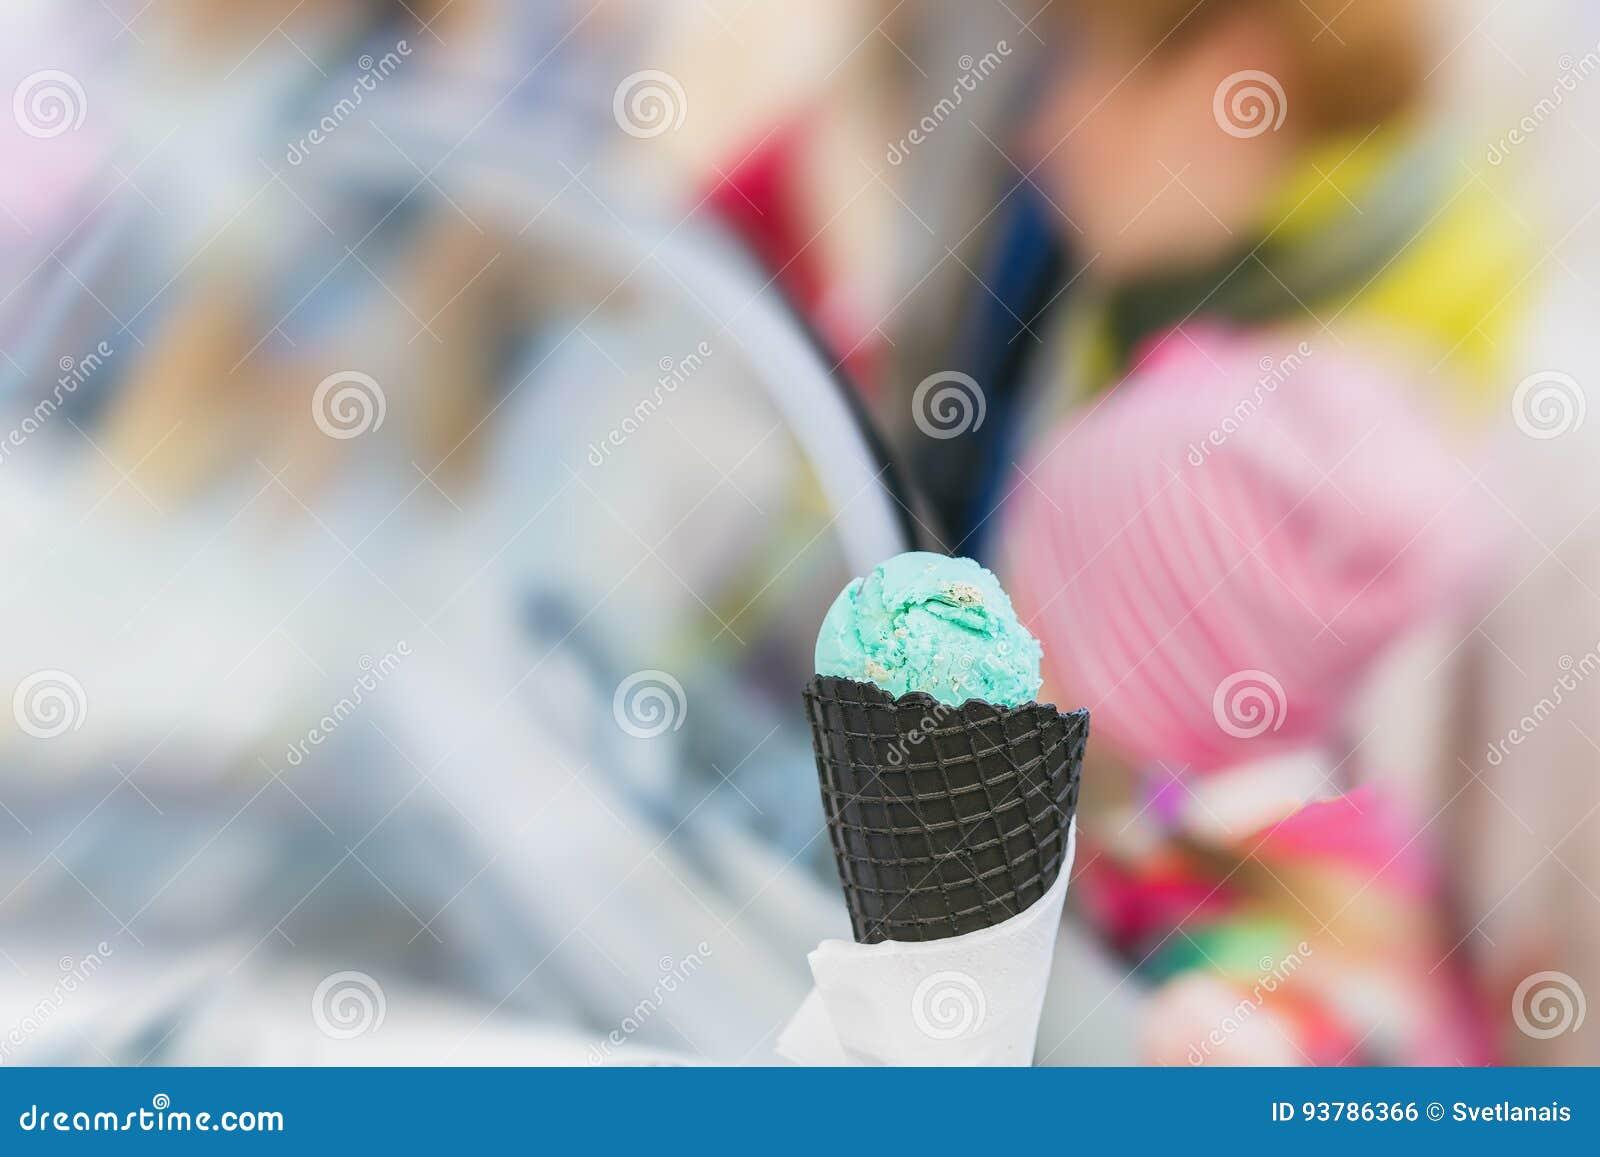 Zakończenie owocowego lody zielony kolor w Czarnym gofra rożku, tło z słodkim deserem Istna scena w sklepie